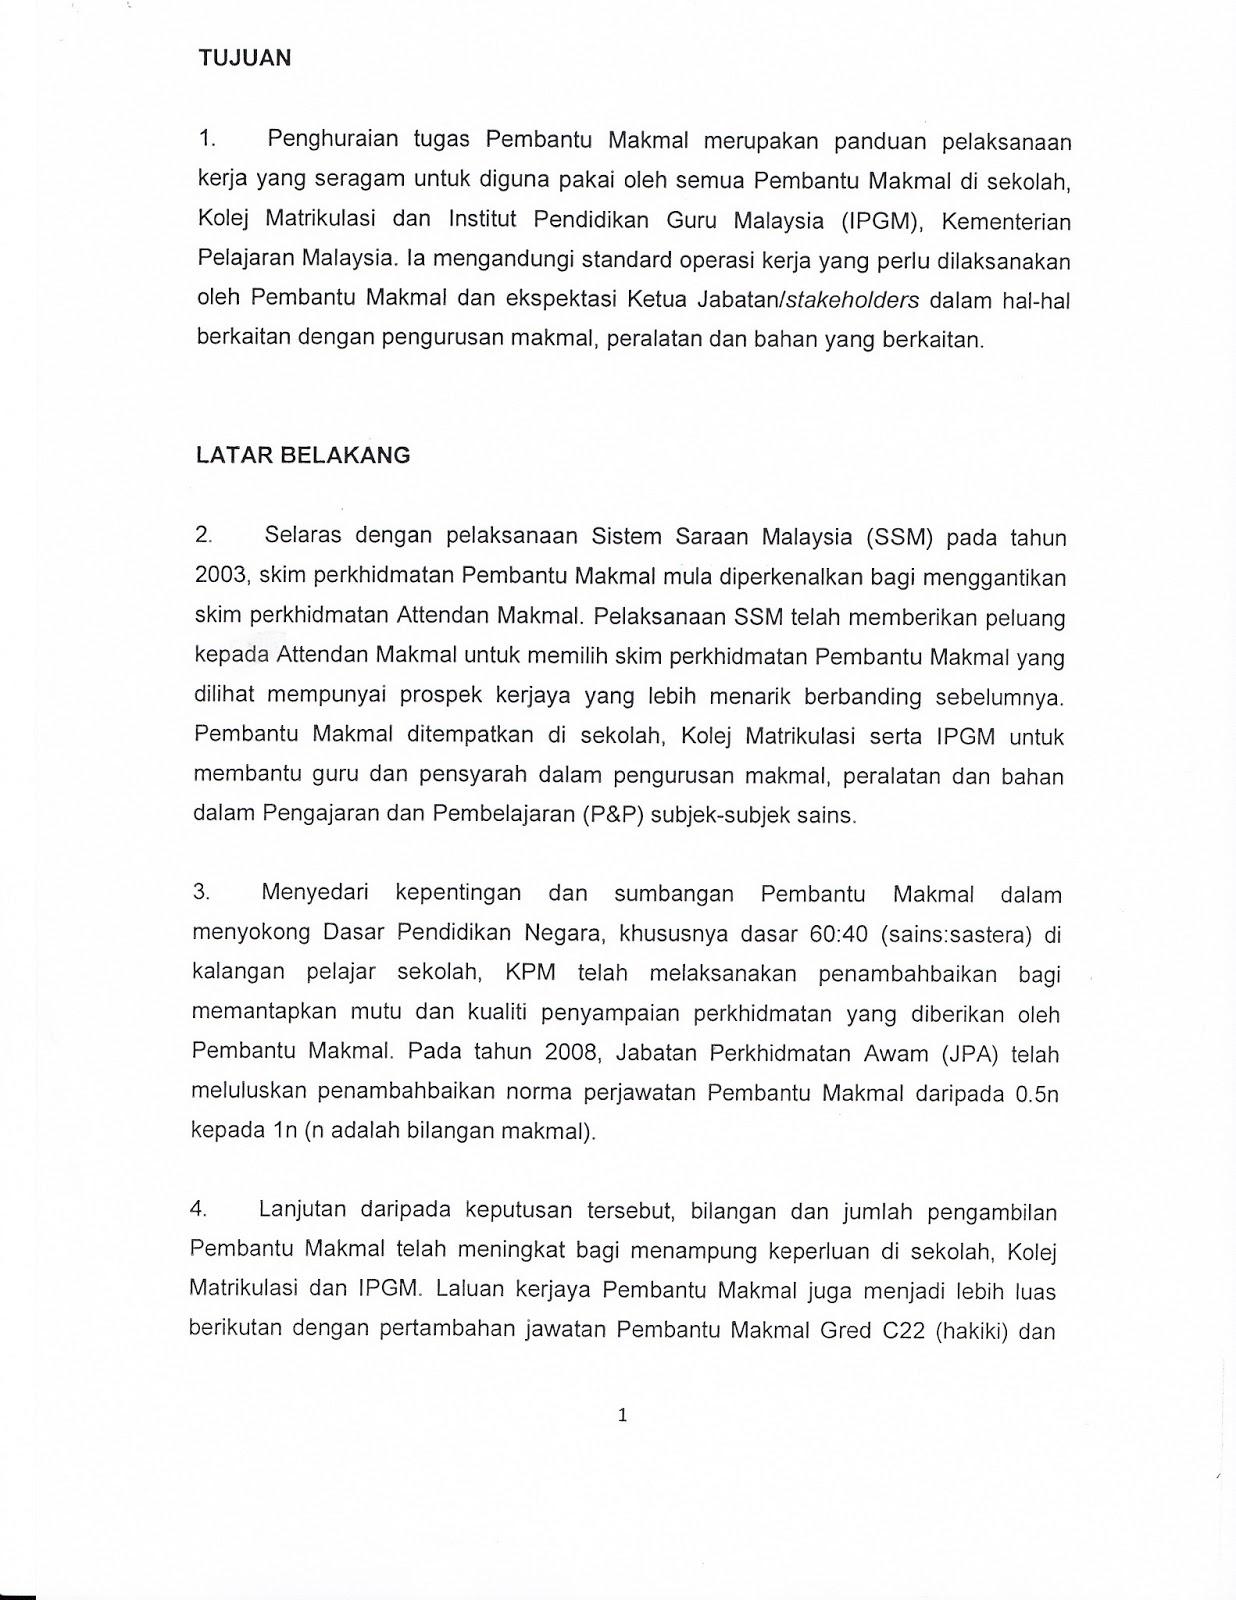 Kesatuan Sekerja Kakitangan Makmal Kskm Cawangan Negeri Perak Penghuraian Tugas Pembantu Makmal C17 C22 Dan C26 Kpm Berkuatkuasa 2 Mei 2013